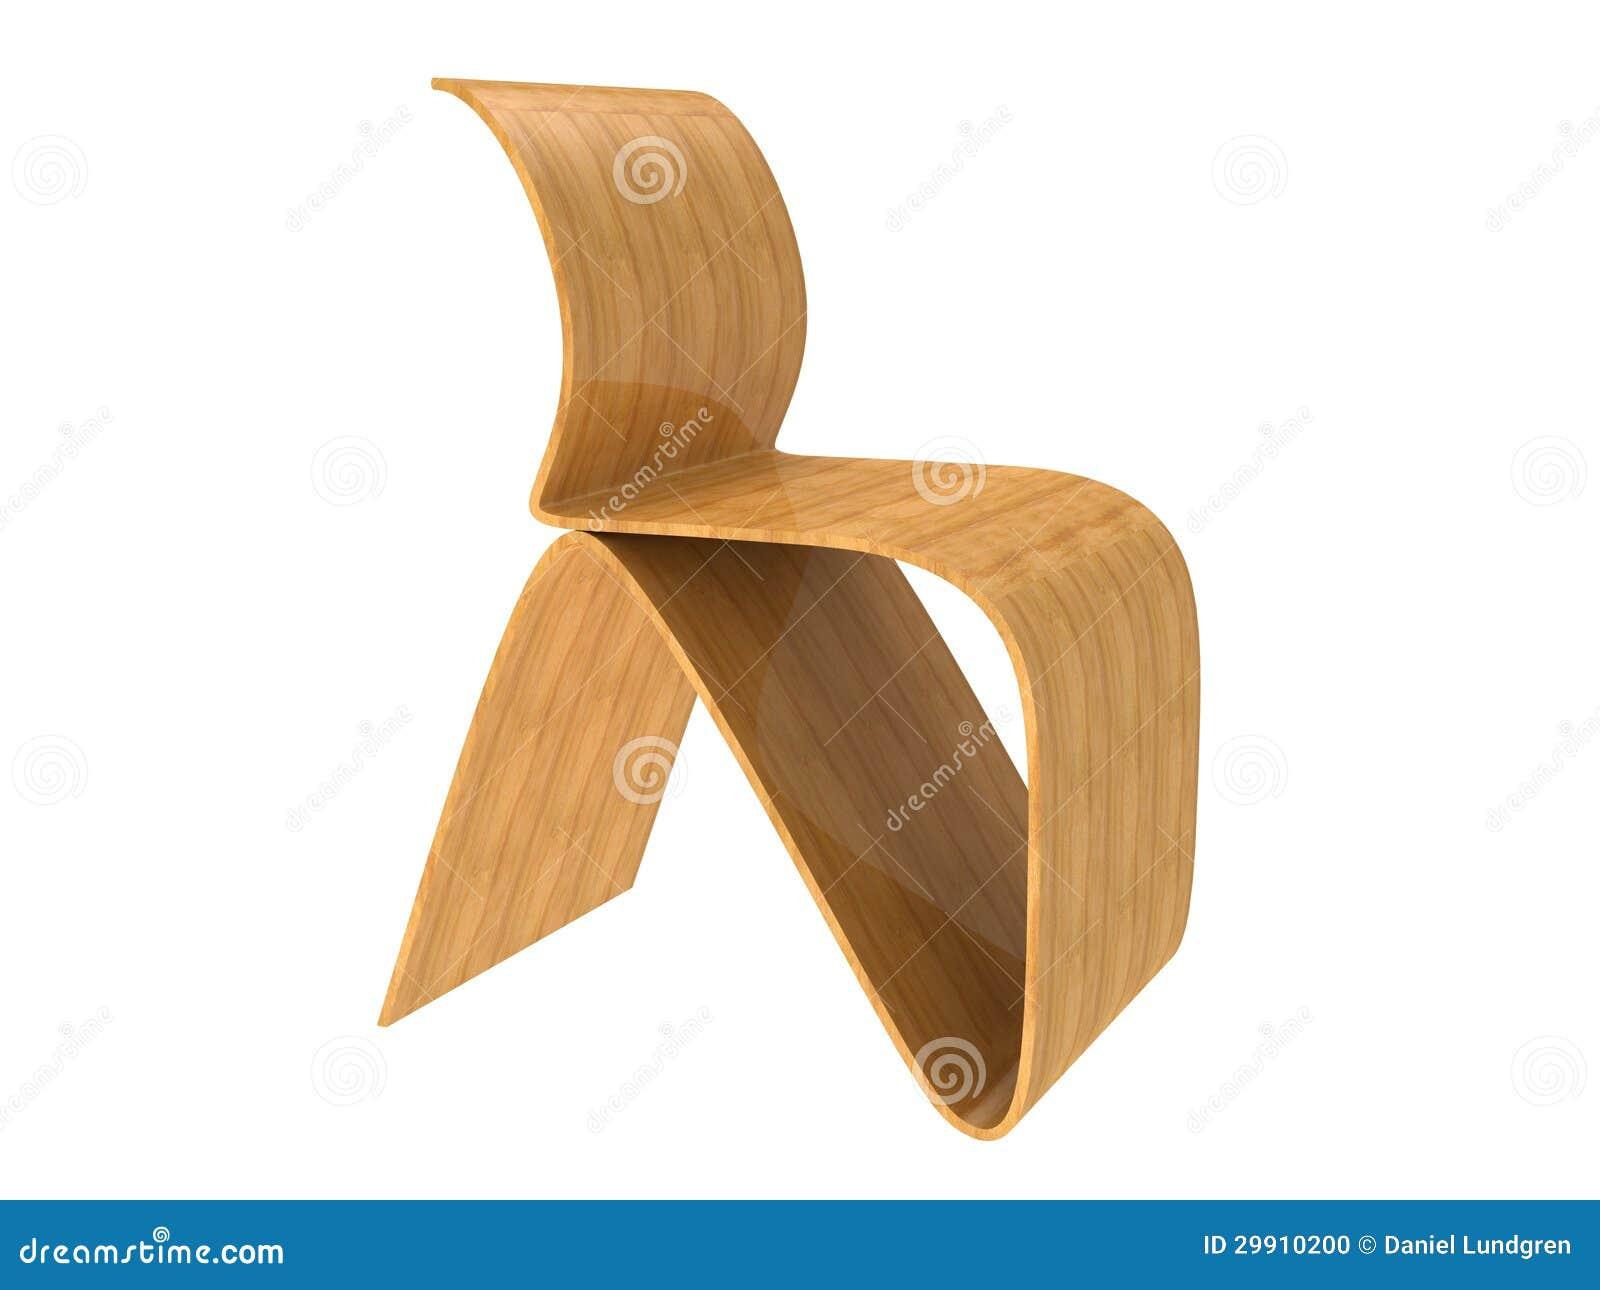 Silla moderna de la madera contrachapada foto de archivo for Sillas de madera modernas